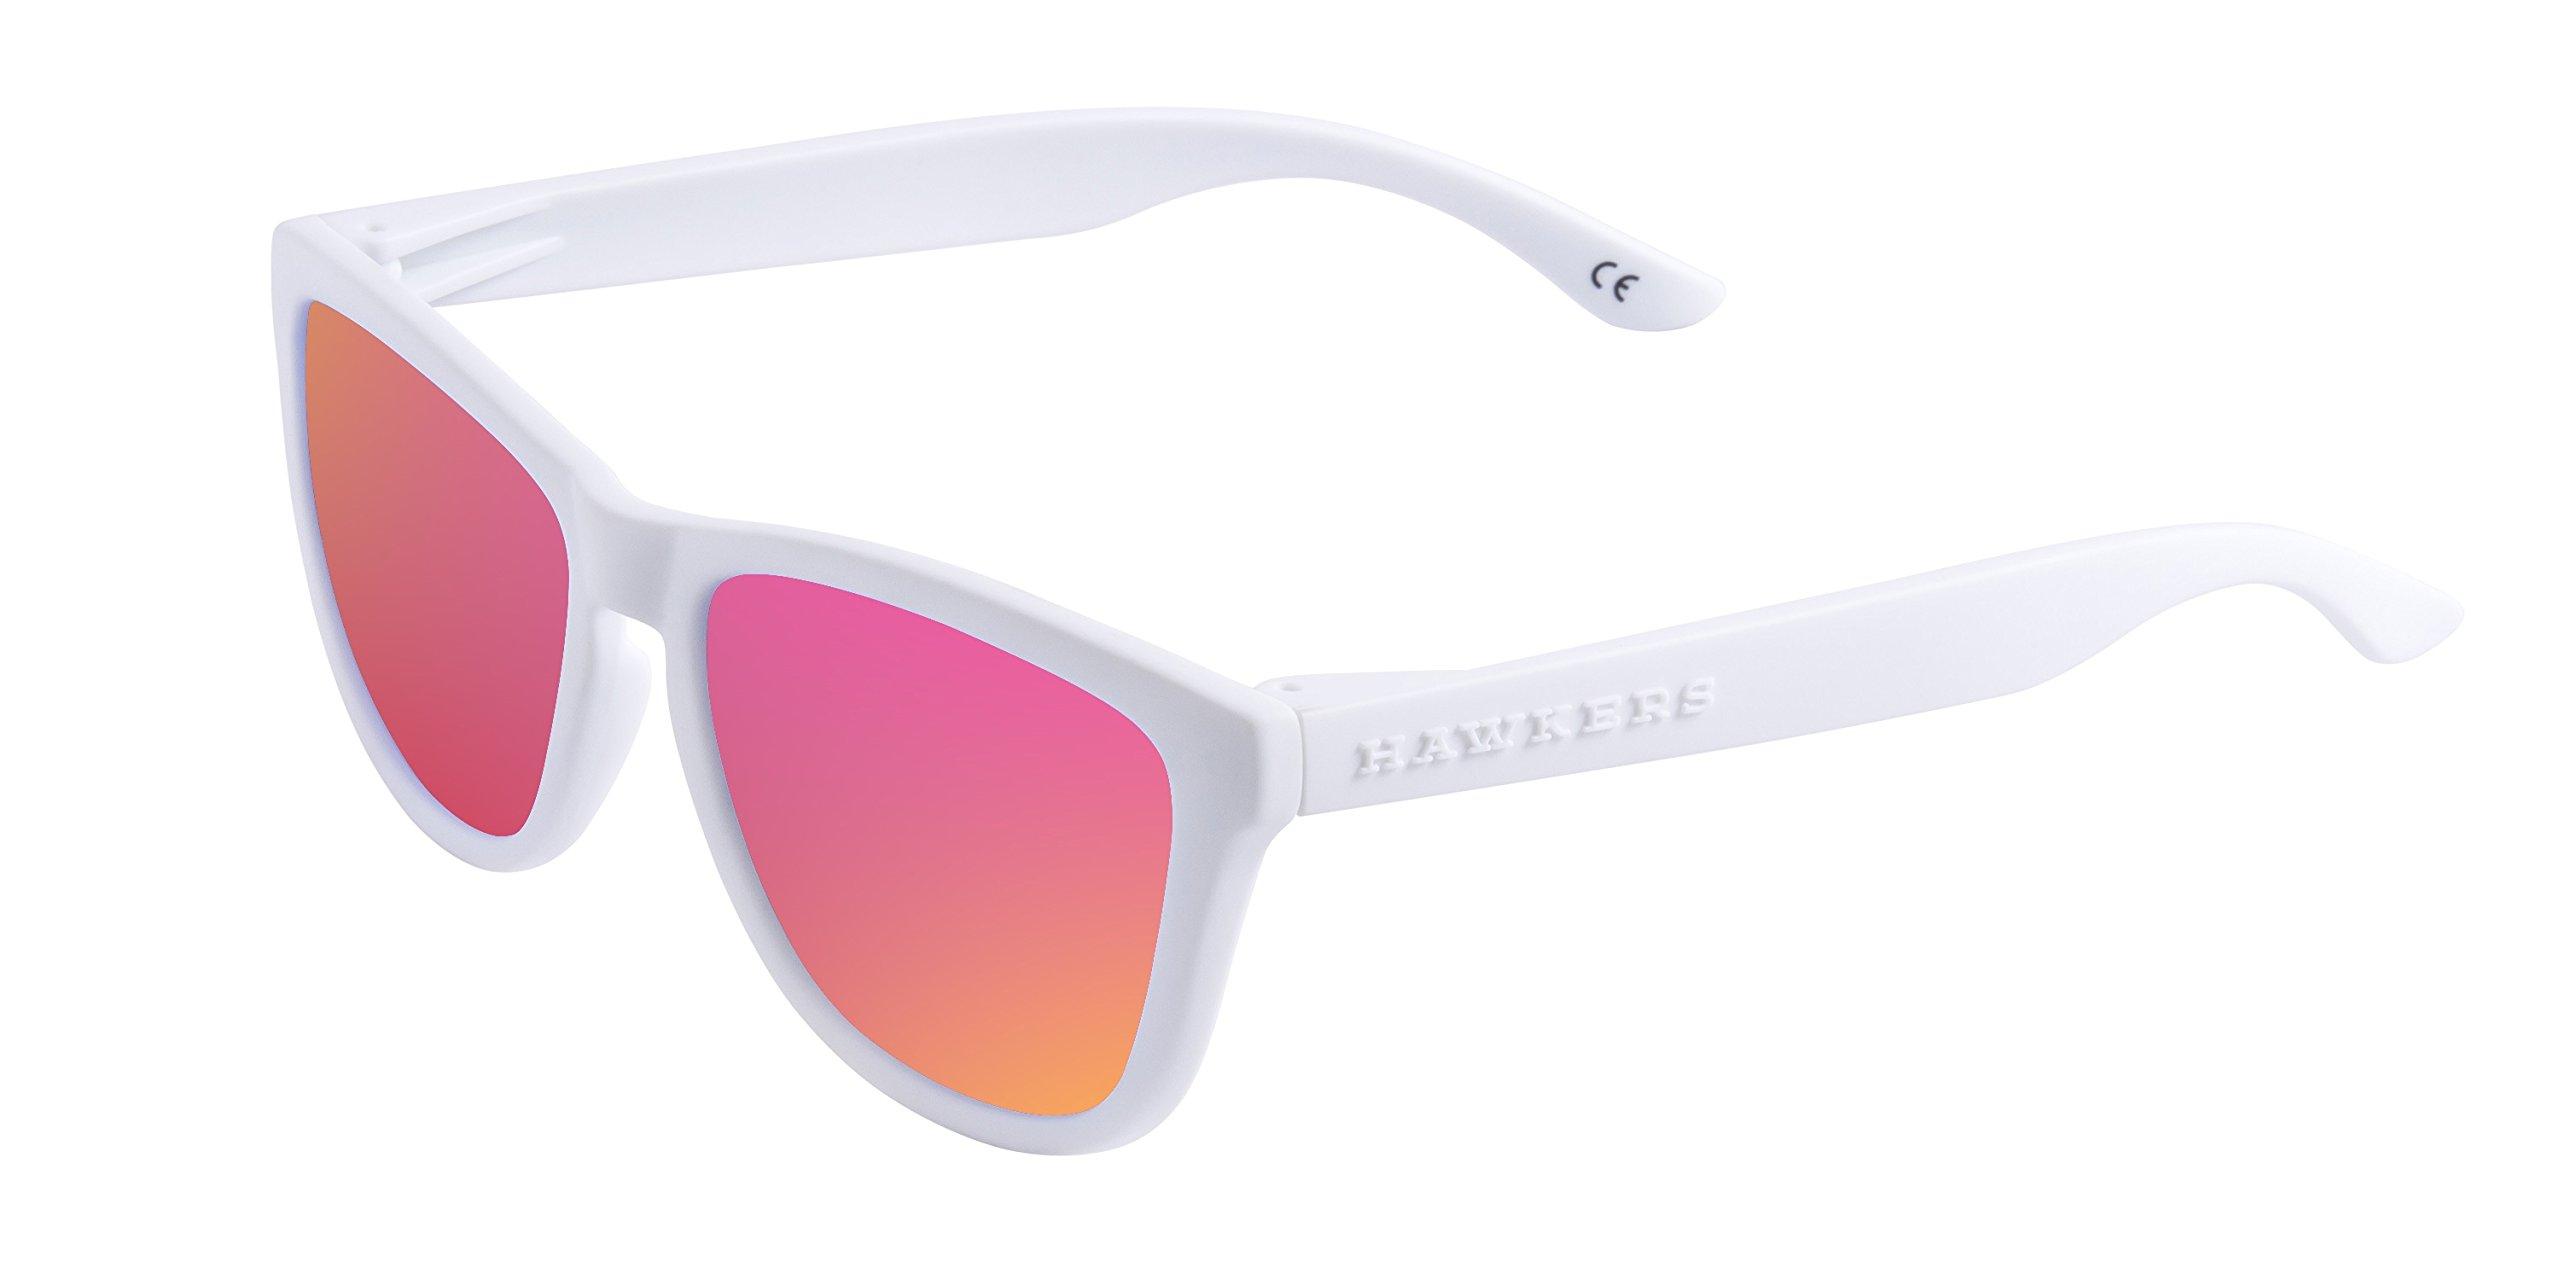 HAWKERS· Gafas de Sol ONE LIFESTYLE para Hombre y Mujer.